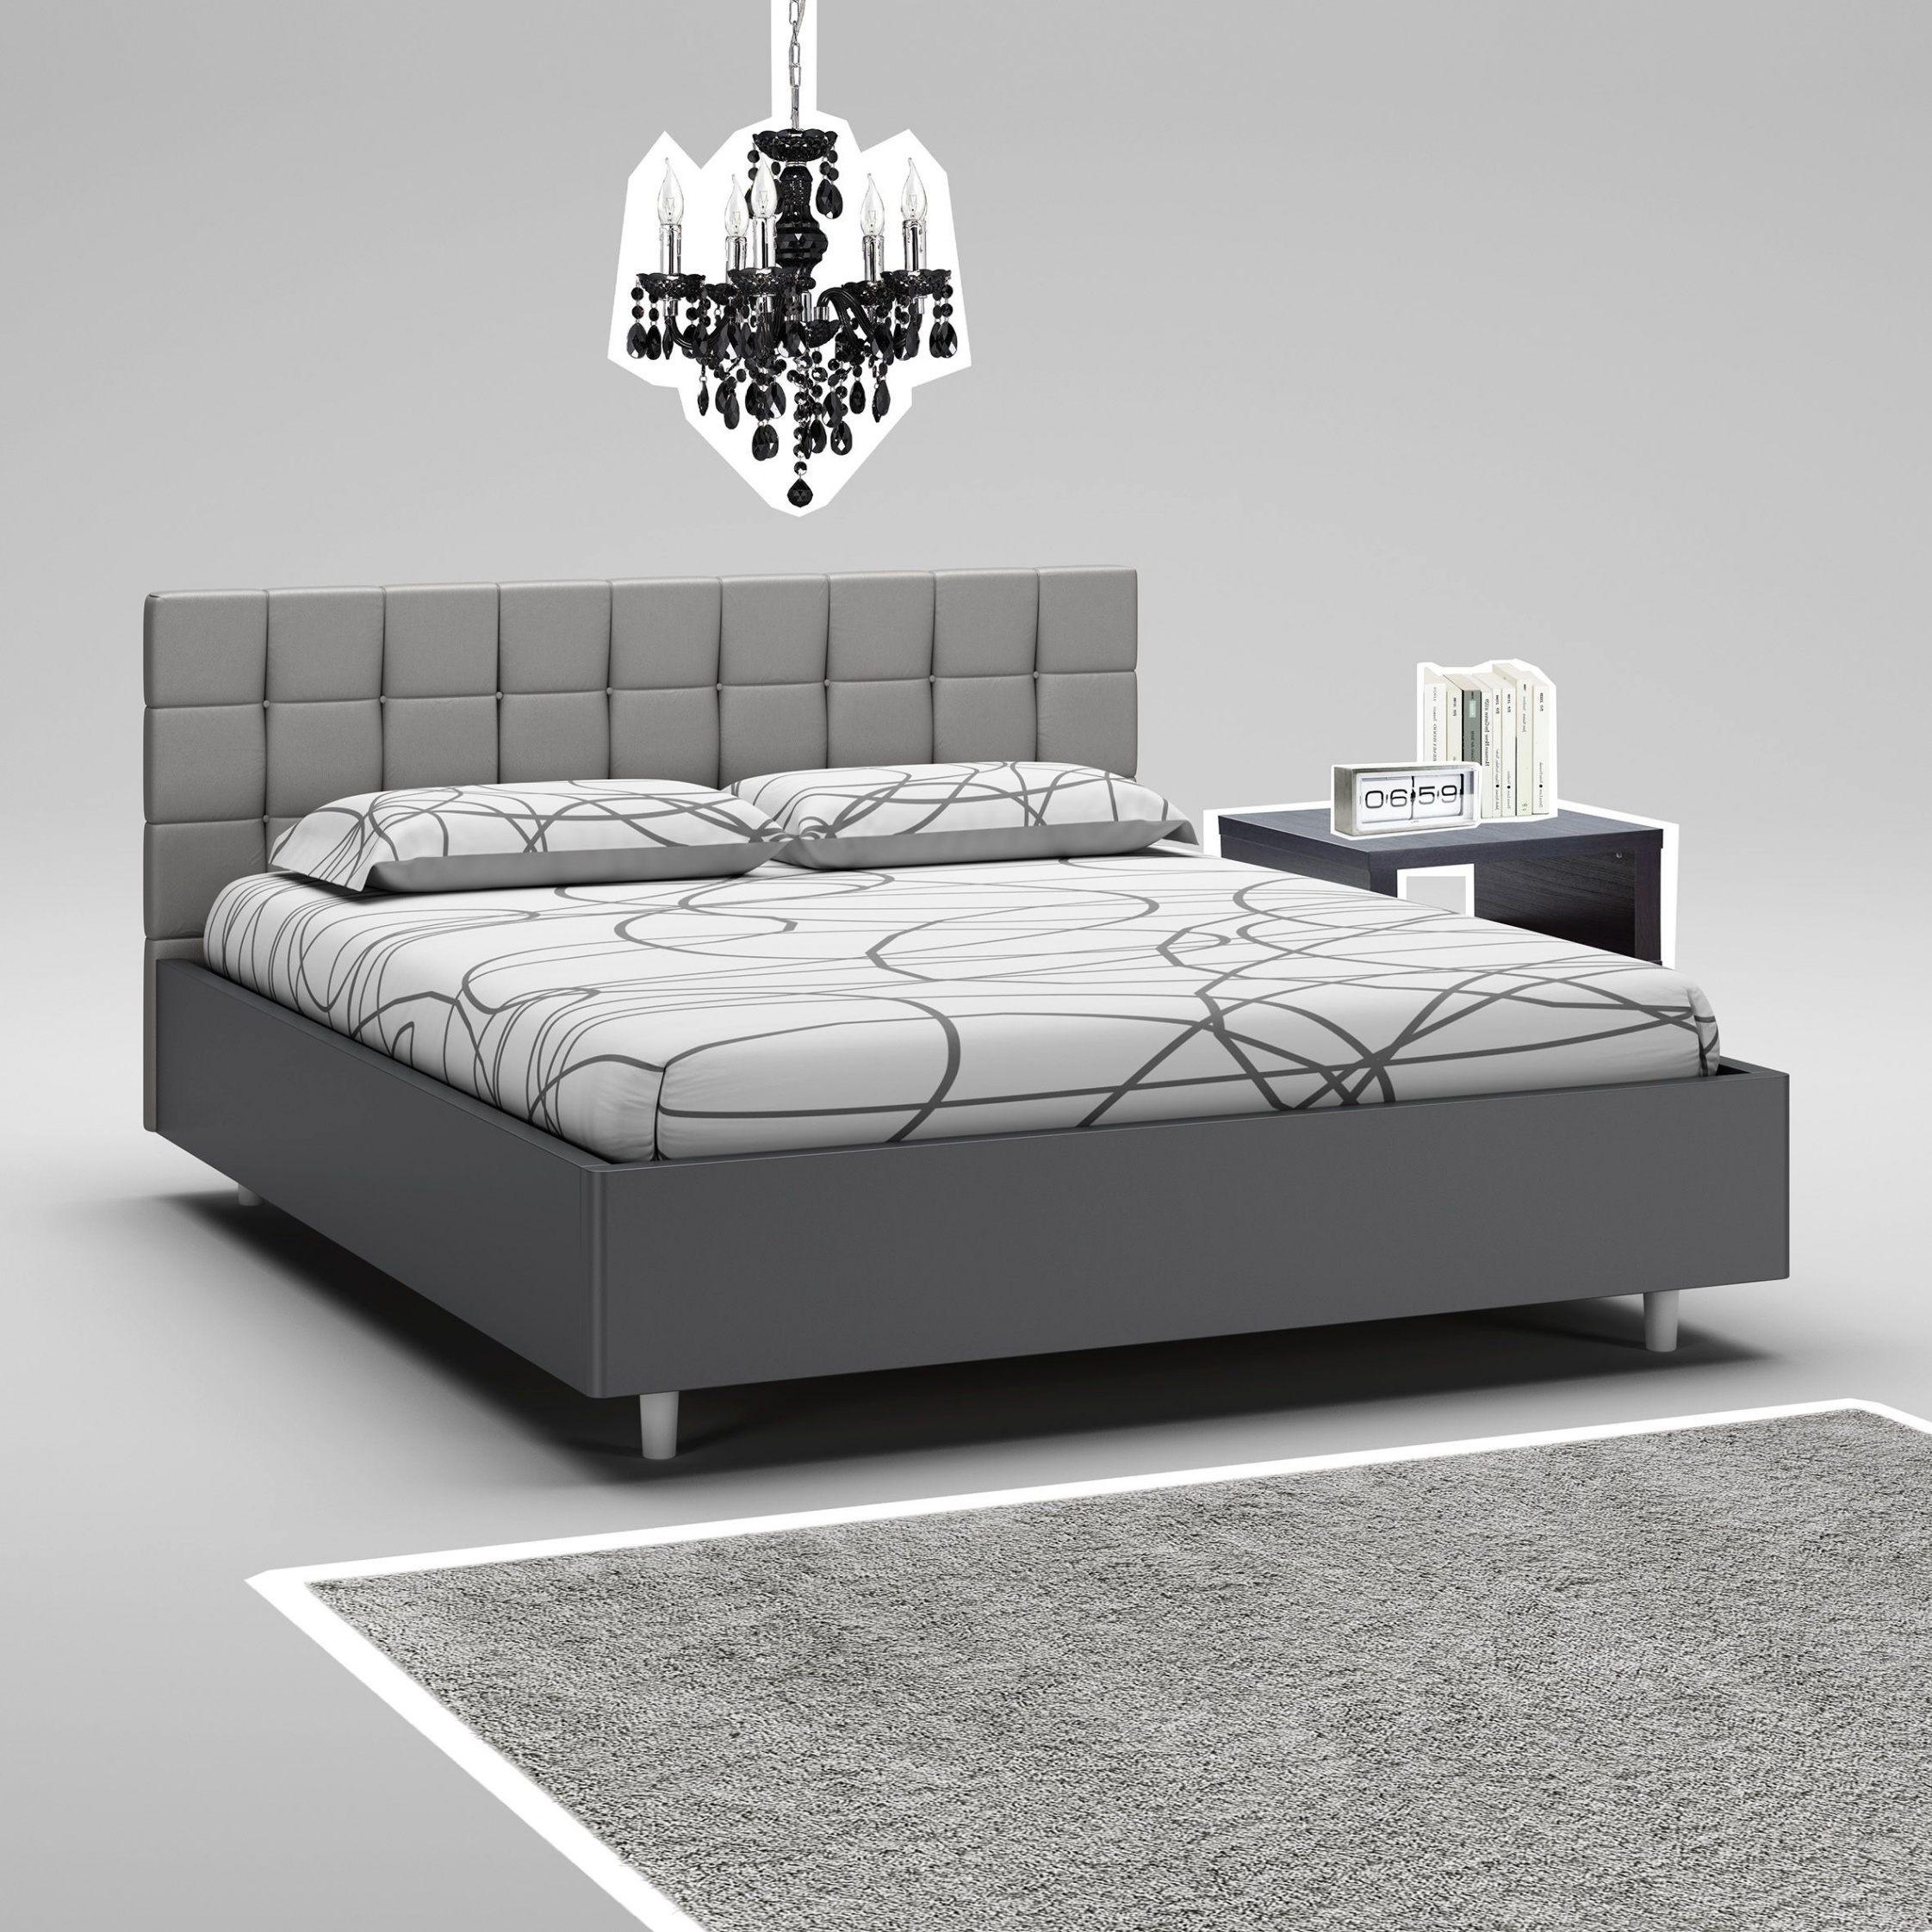 Lit 160×200 Blanc Inspirant Lit Design 160×200 Lit Baldaquin 160×200 En Pin Blanc Cassé Lit De